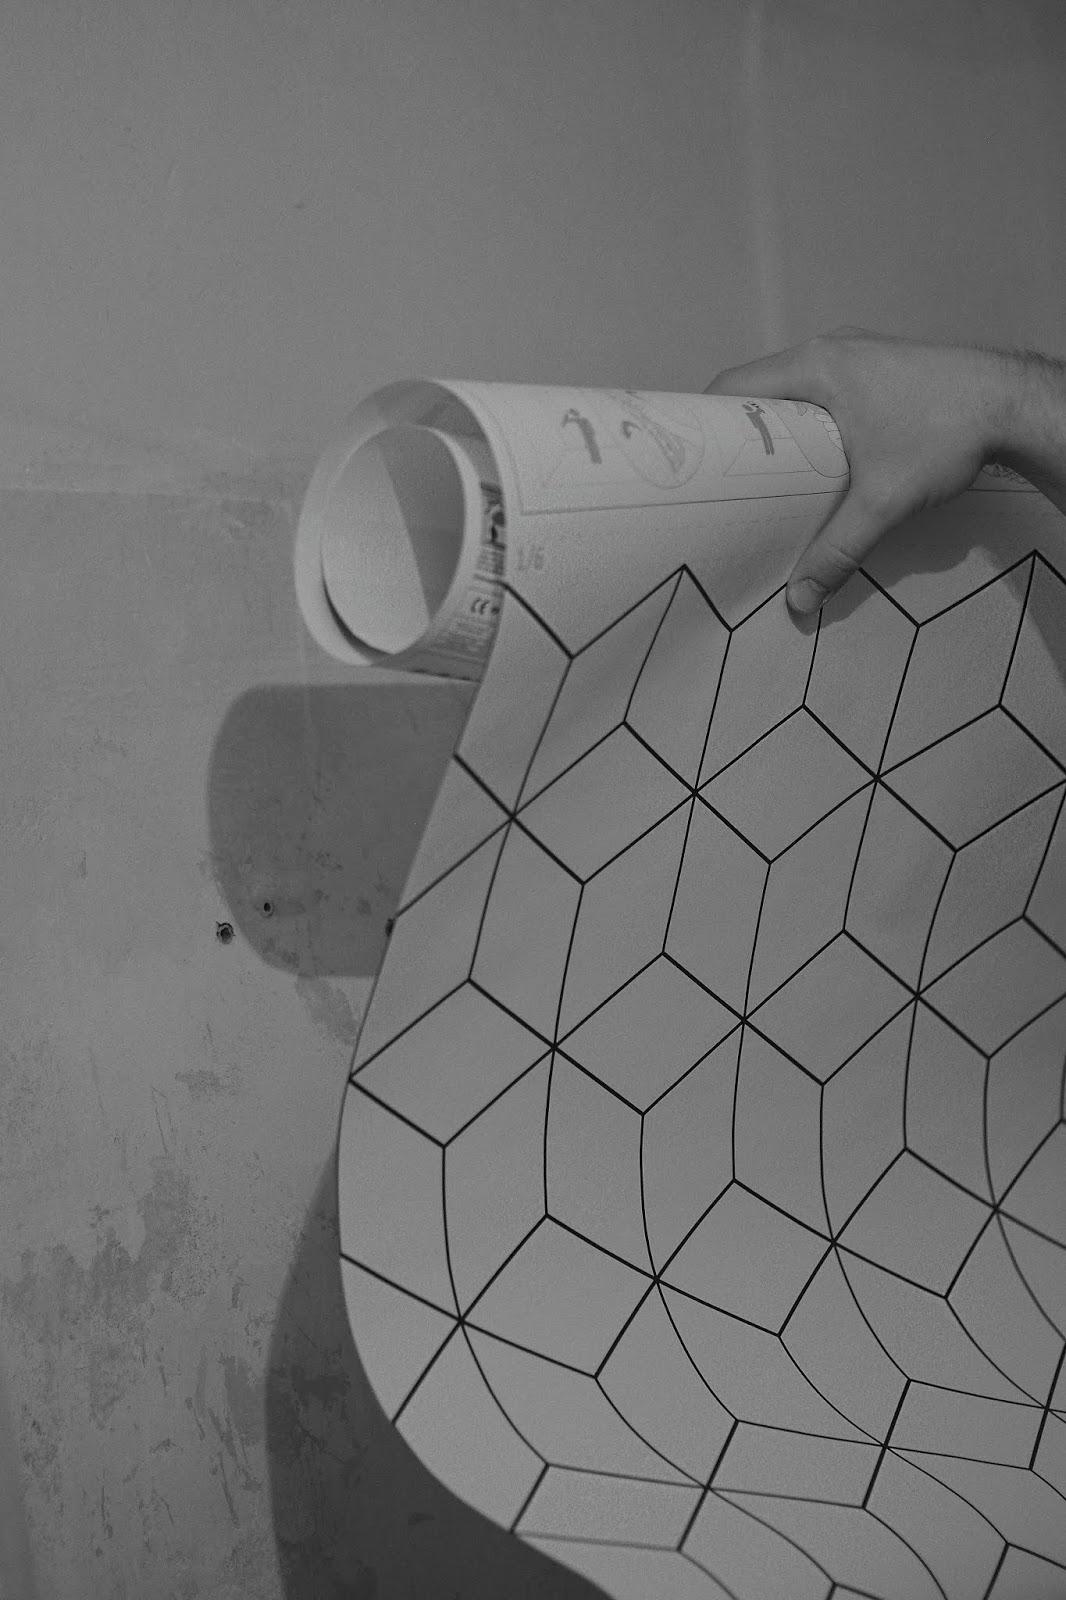 Fototapeta fizelina do łazienki